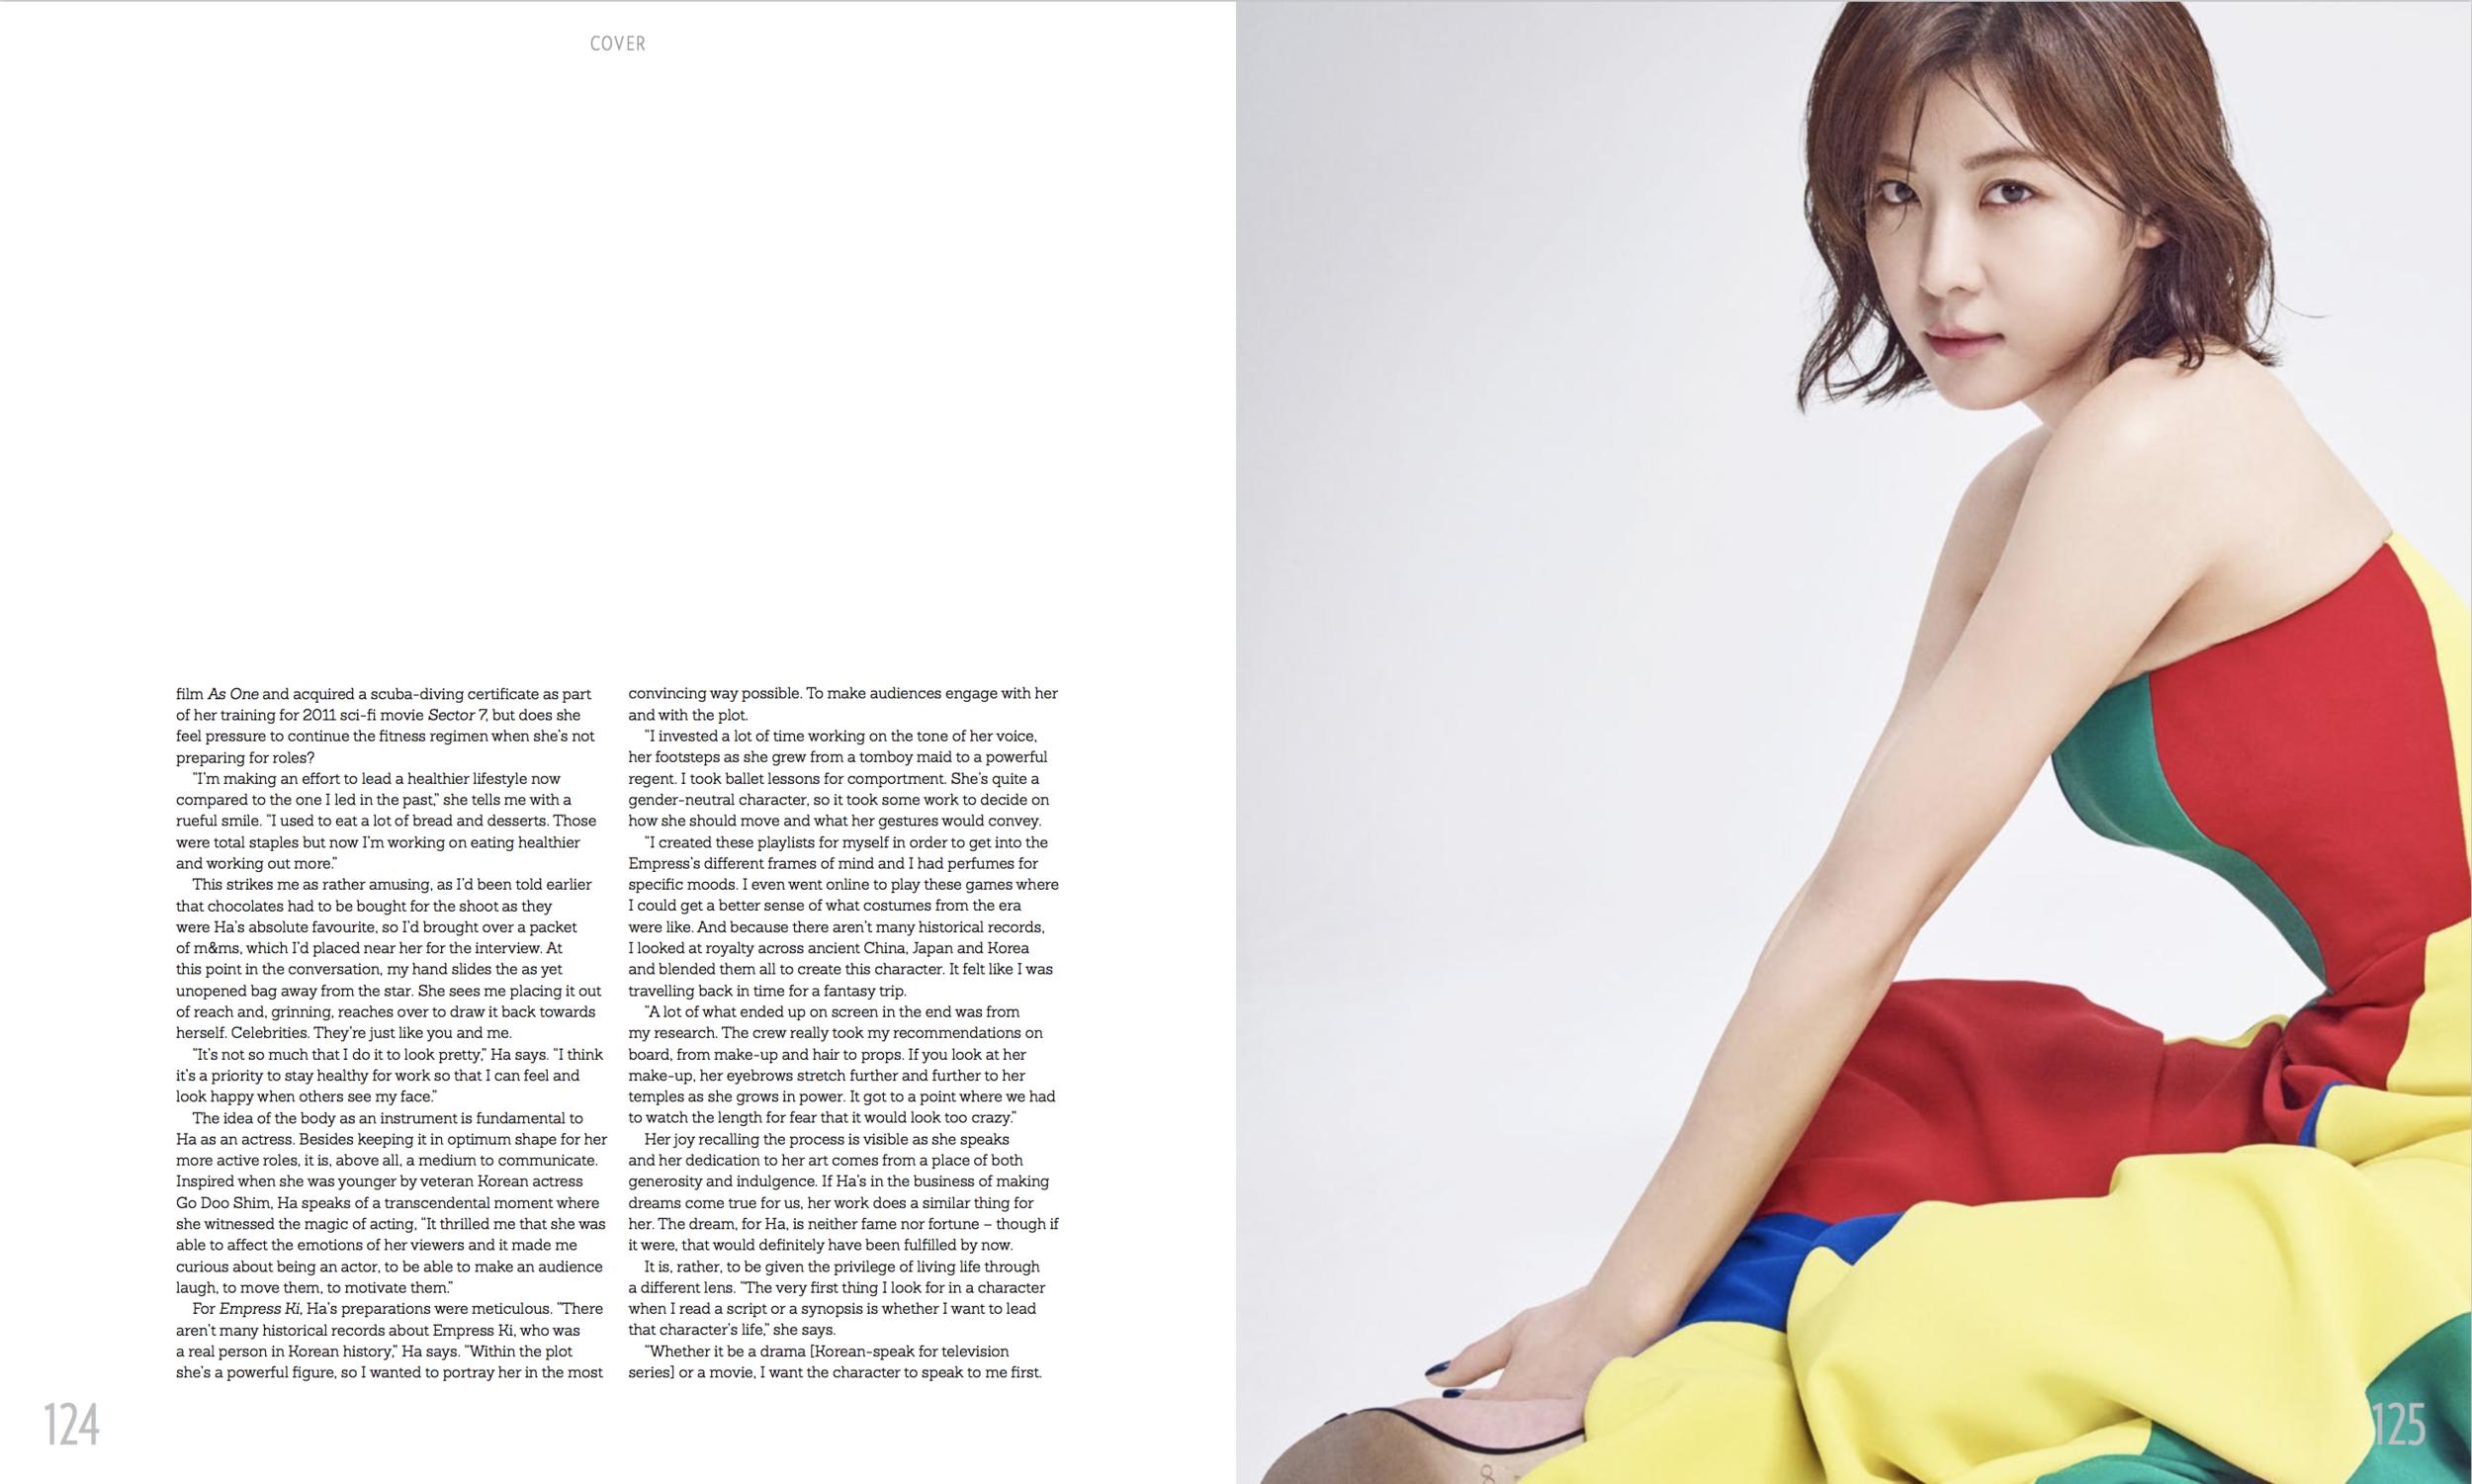 Ha Ji Won Prestige April Cover Story Zaneta Cheng 3:4.png